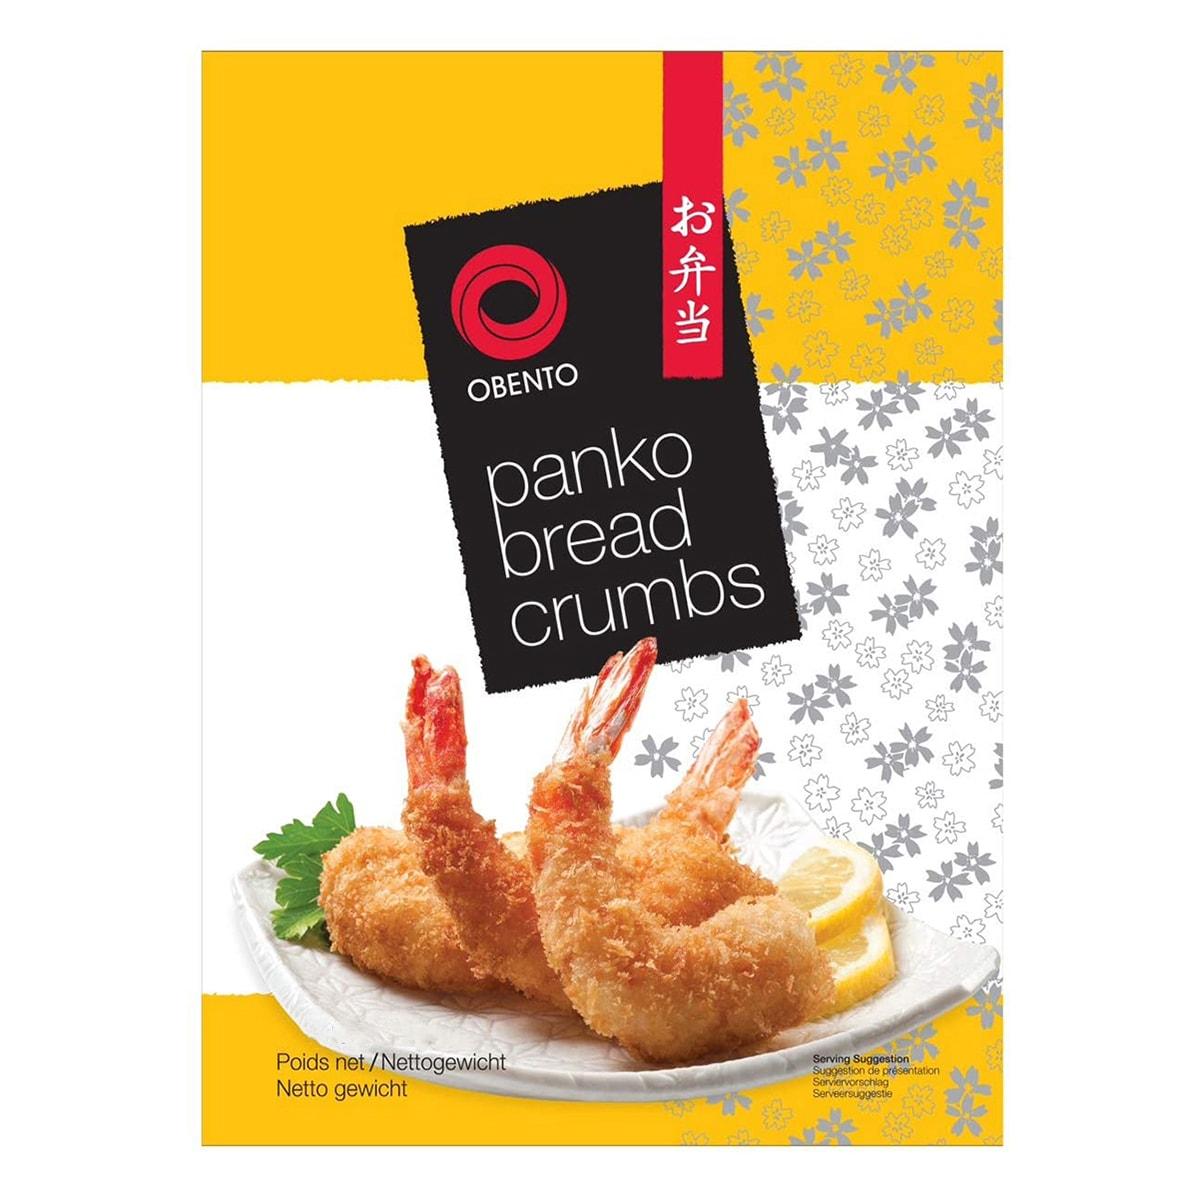 Buy Obento Panko Bread Crumbs - 1 kg